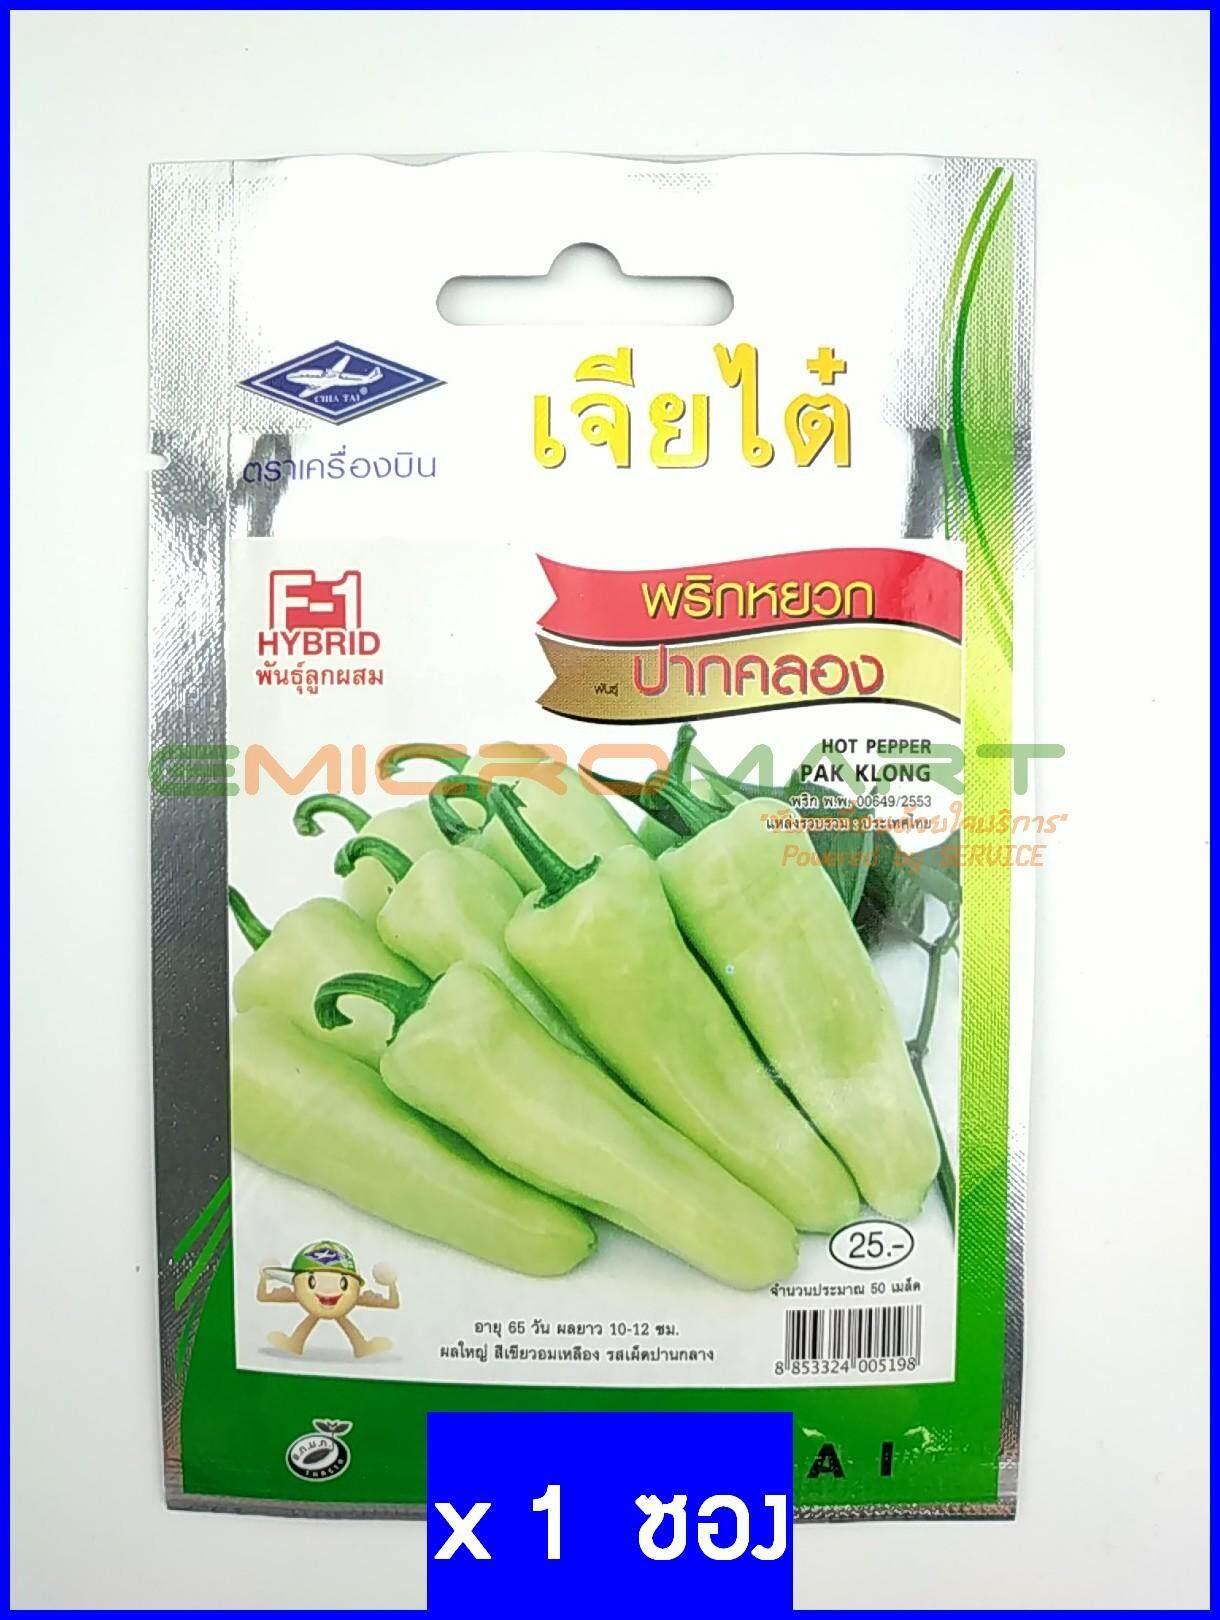 เจียไต๋ ตราเครื่องบิน พริกหยวก ปากคลอง (Pepper Pak Klong) เมล็ดพันธุ์ เมล็ดพันธุ์ผัก เมล็ดพันธุ์พืช ผักสวนครัว